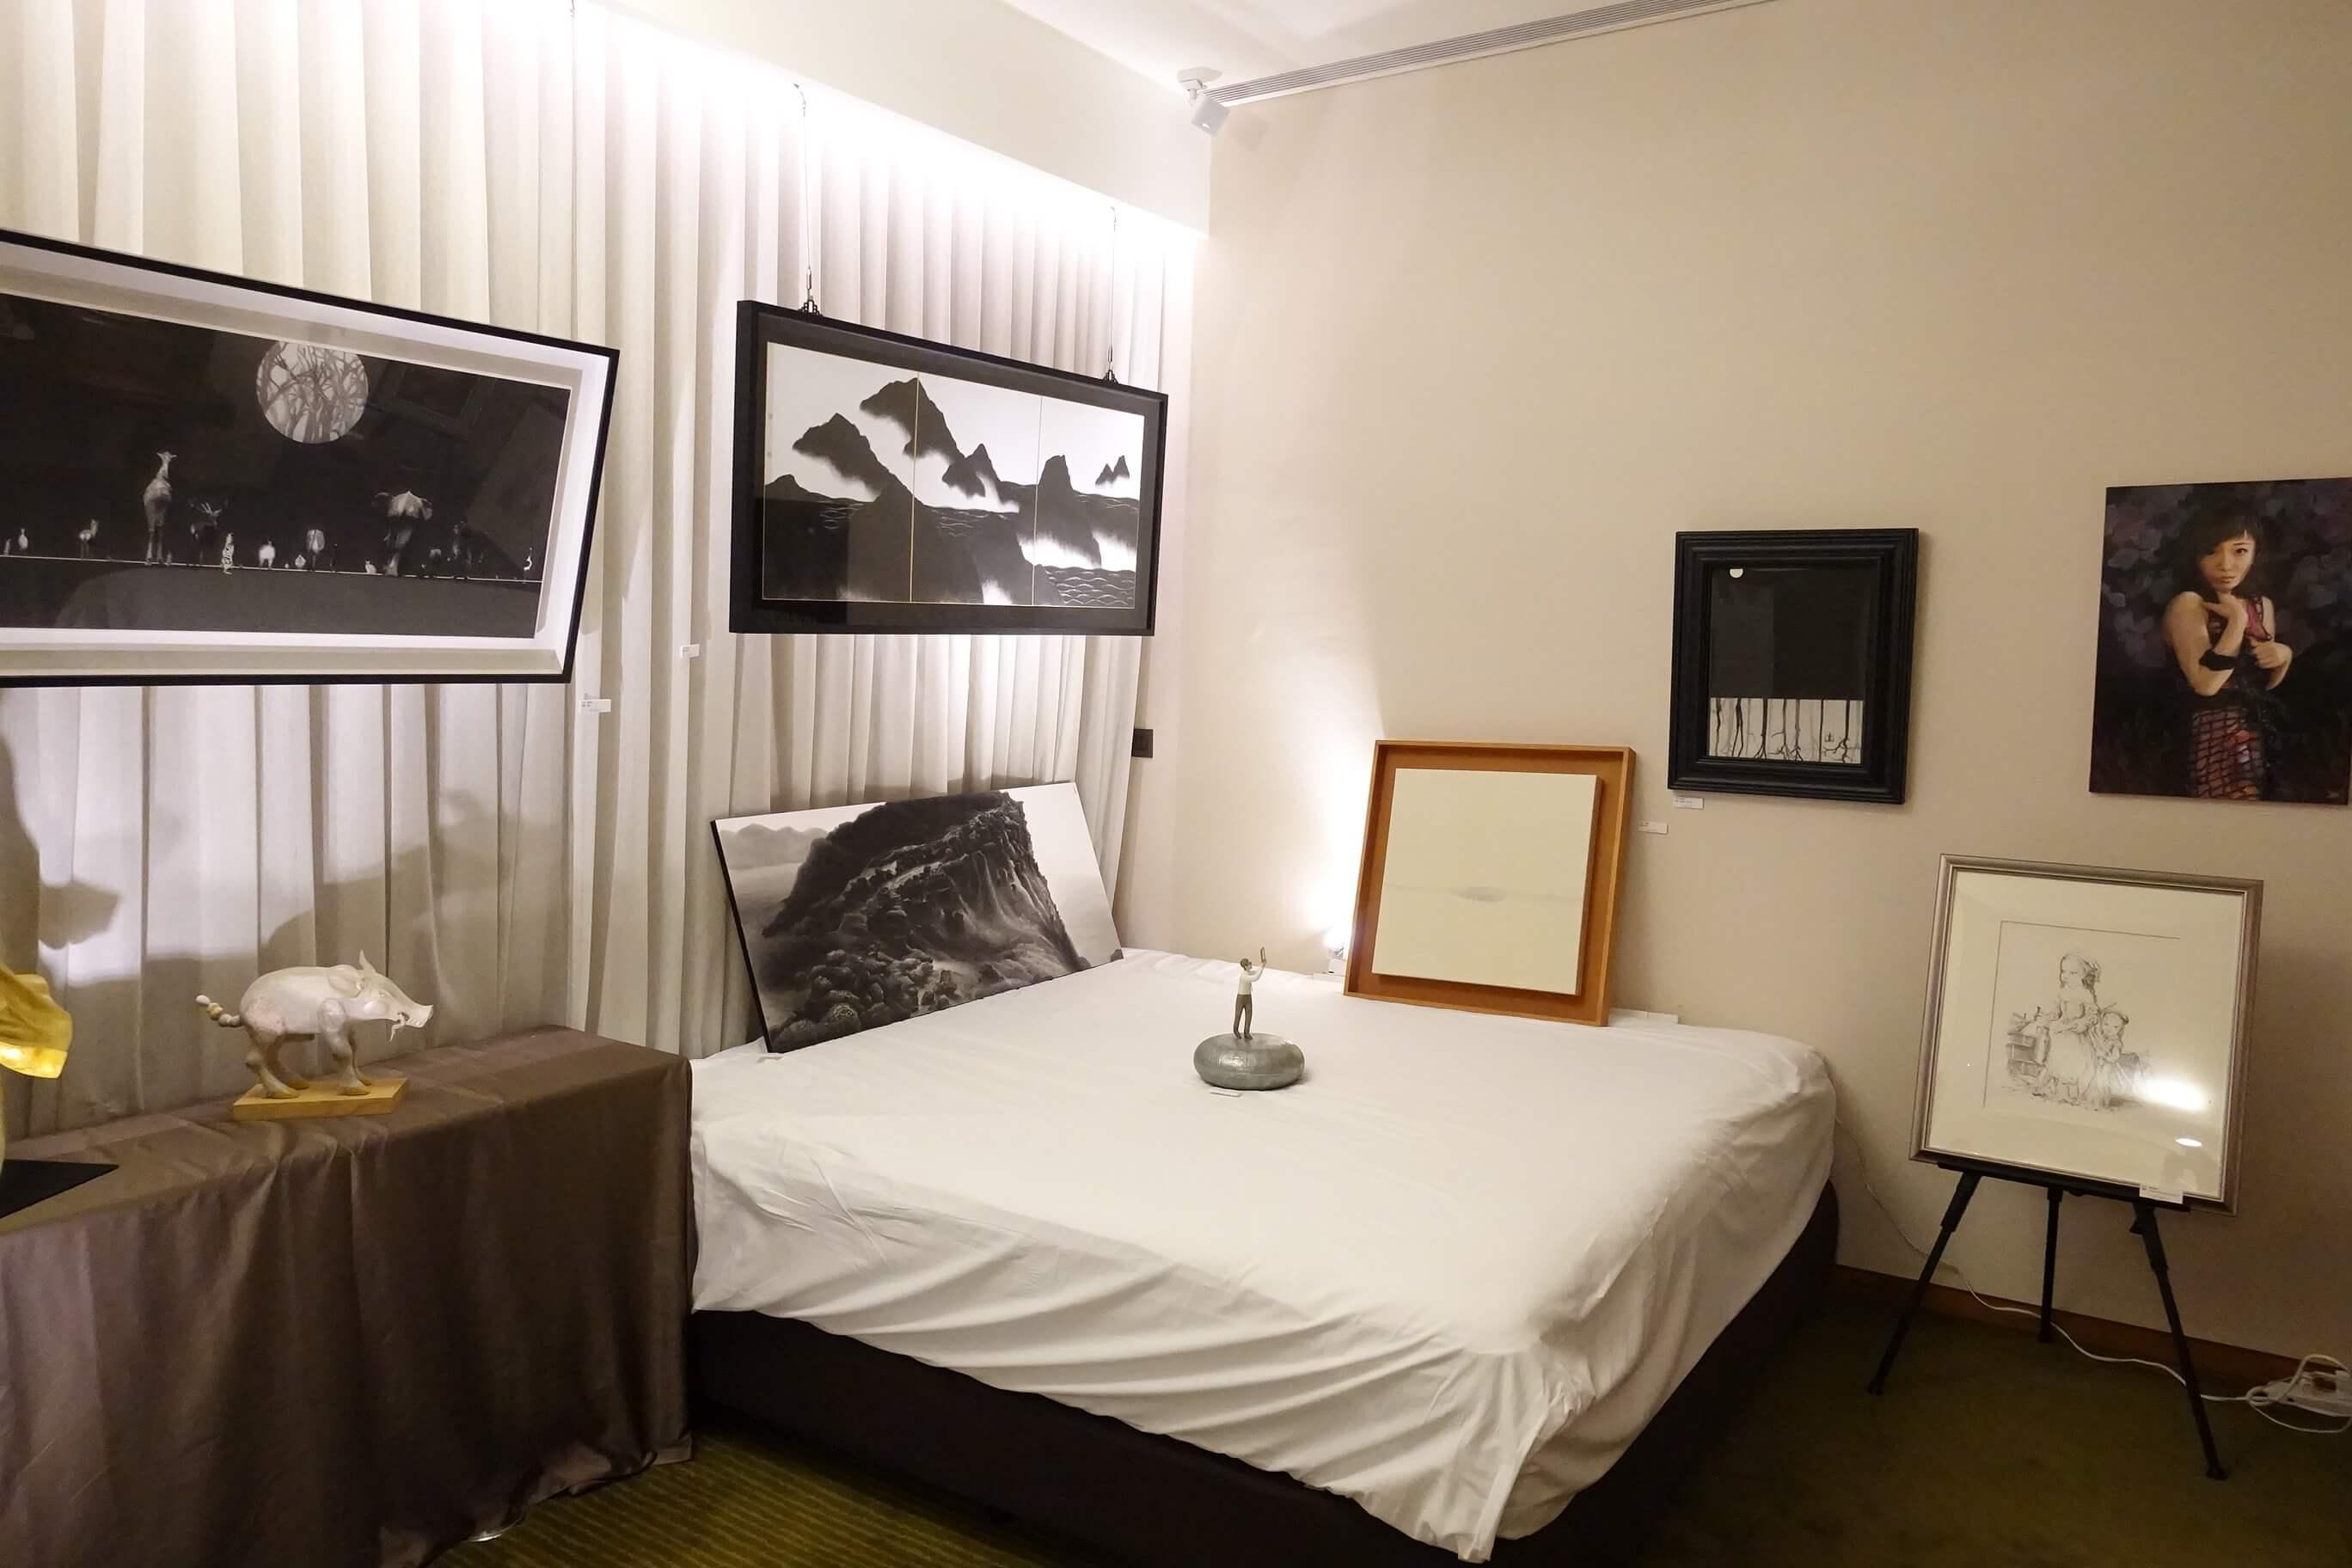 晴山藝術展示空間作品。